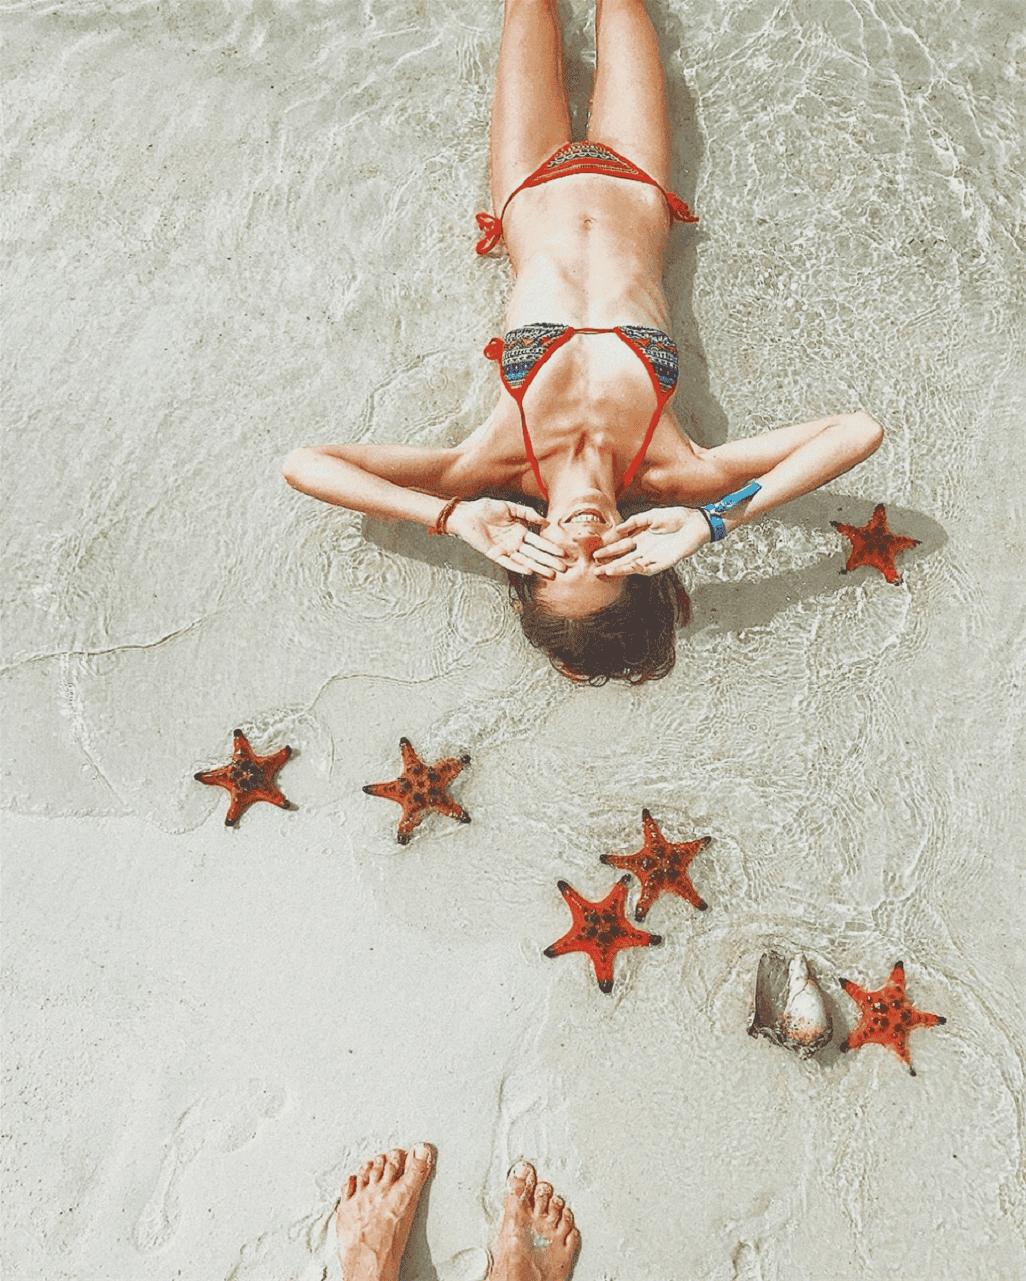 Du khách nước ngoài cực kỳ thích thả dáng bên bãi biển xanh trong cát mịn cùng những chú sao biển.